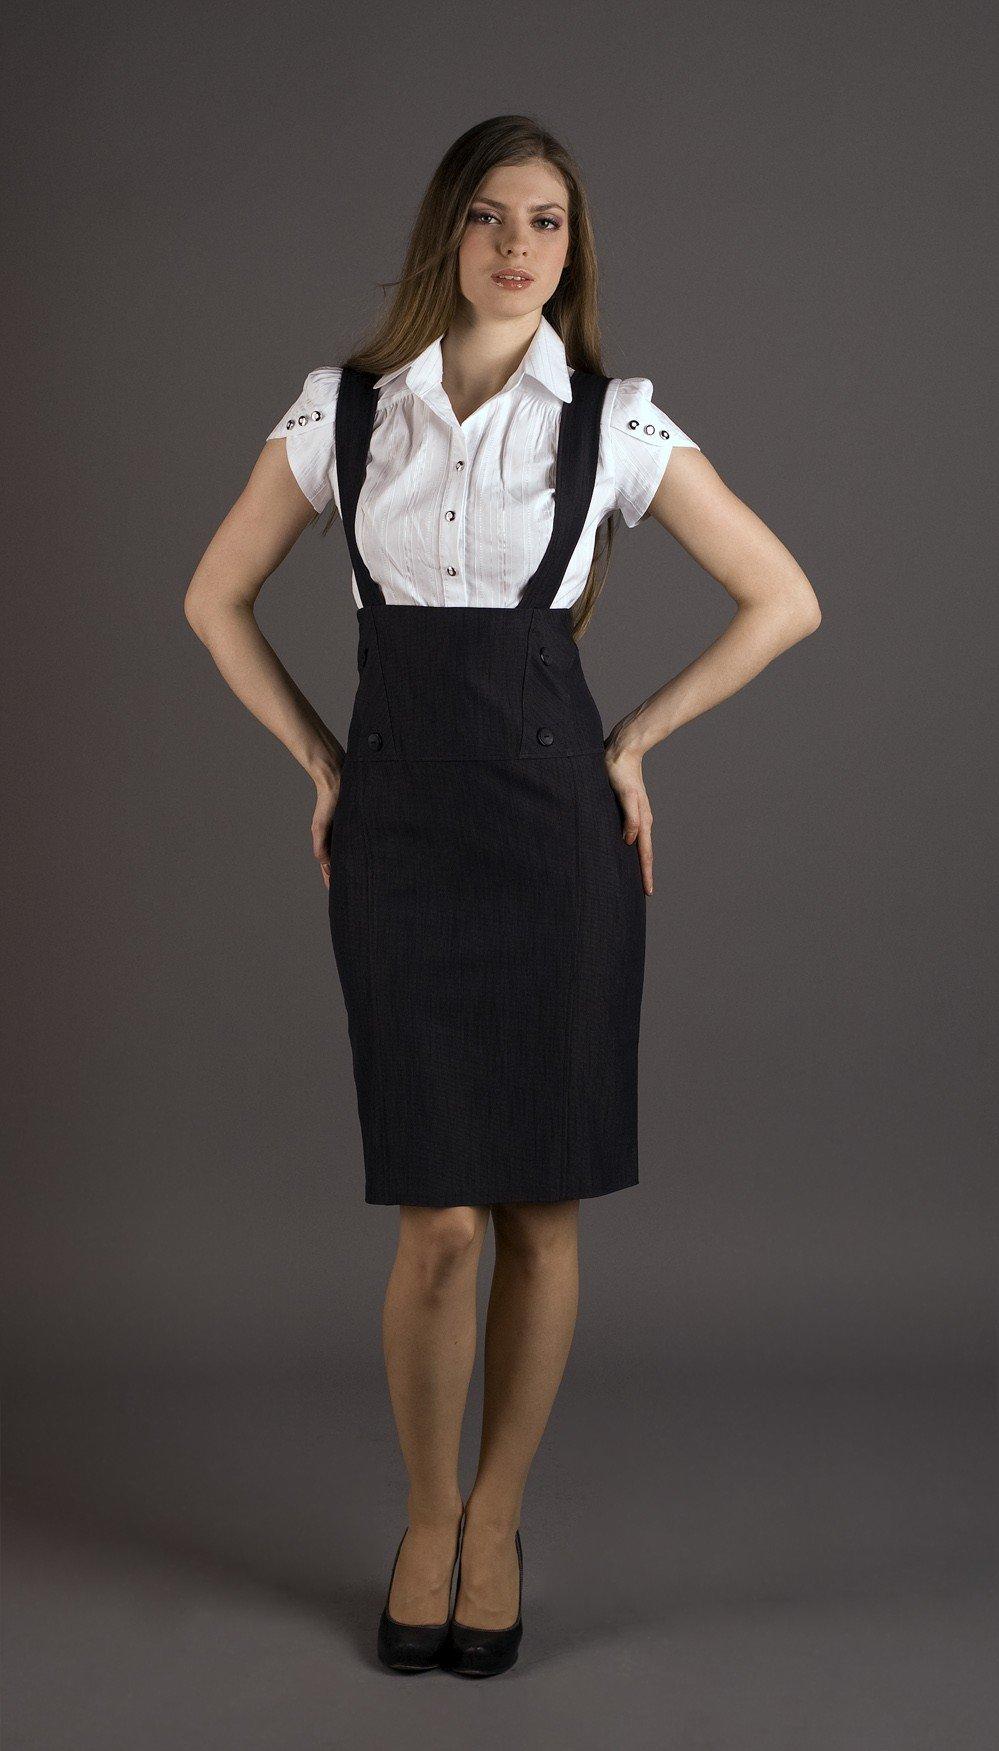 черное платье-сарафан и белая блуза 2018